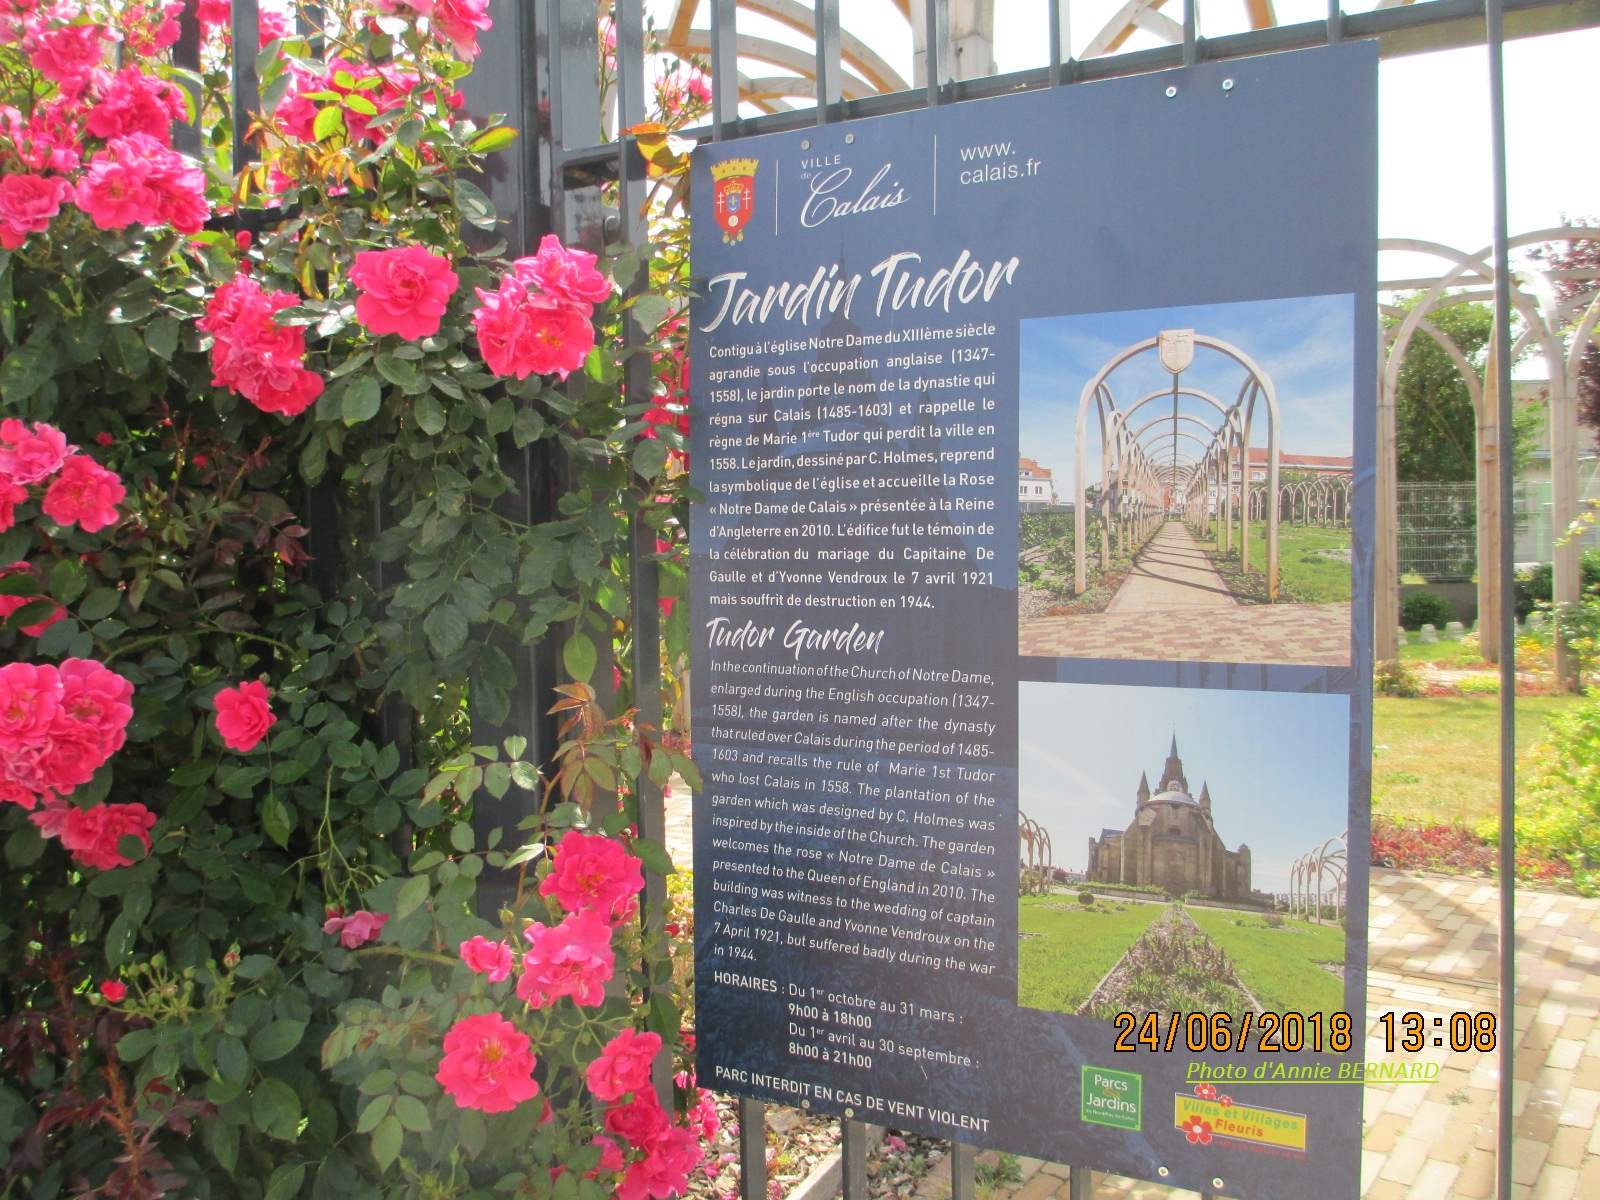 Jardin Tudor de Notre-Dame